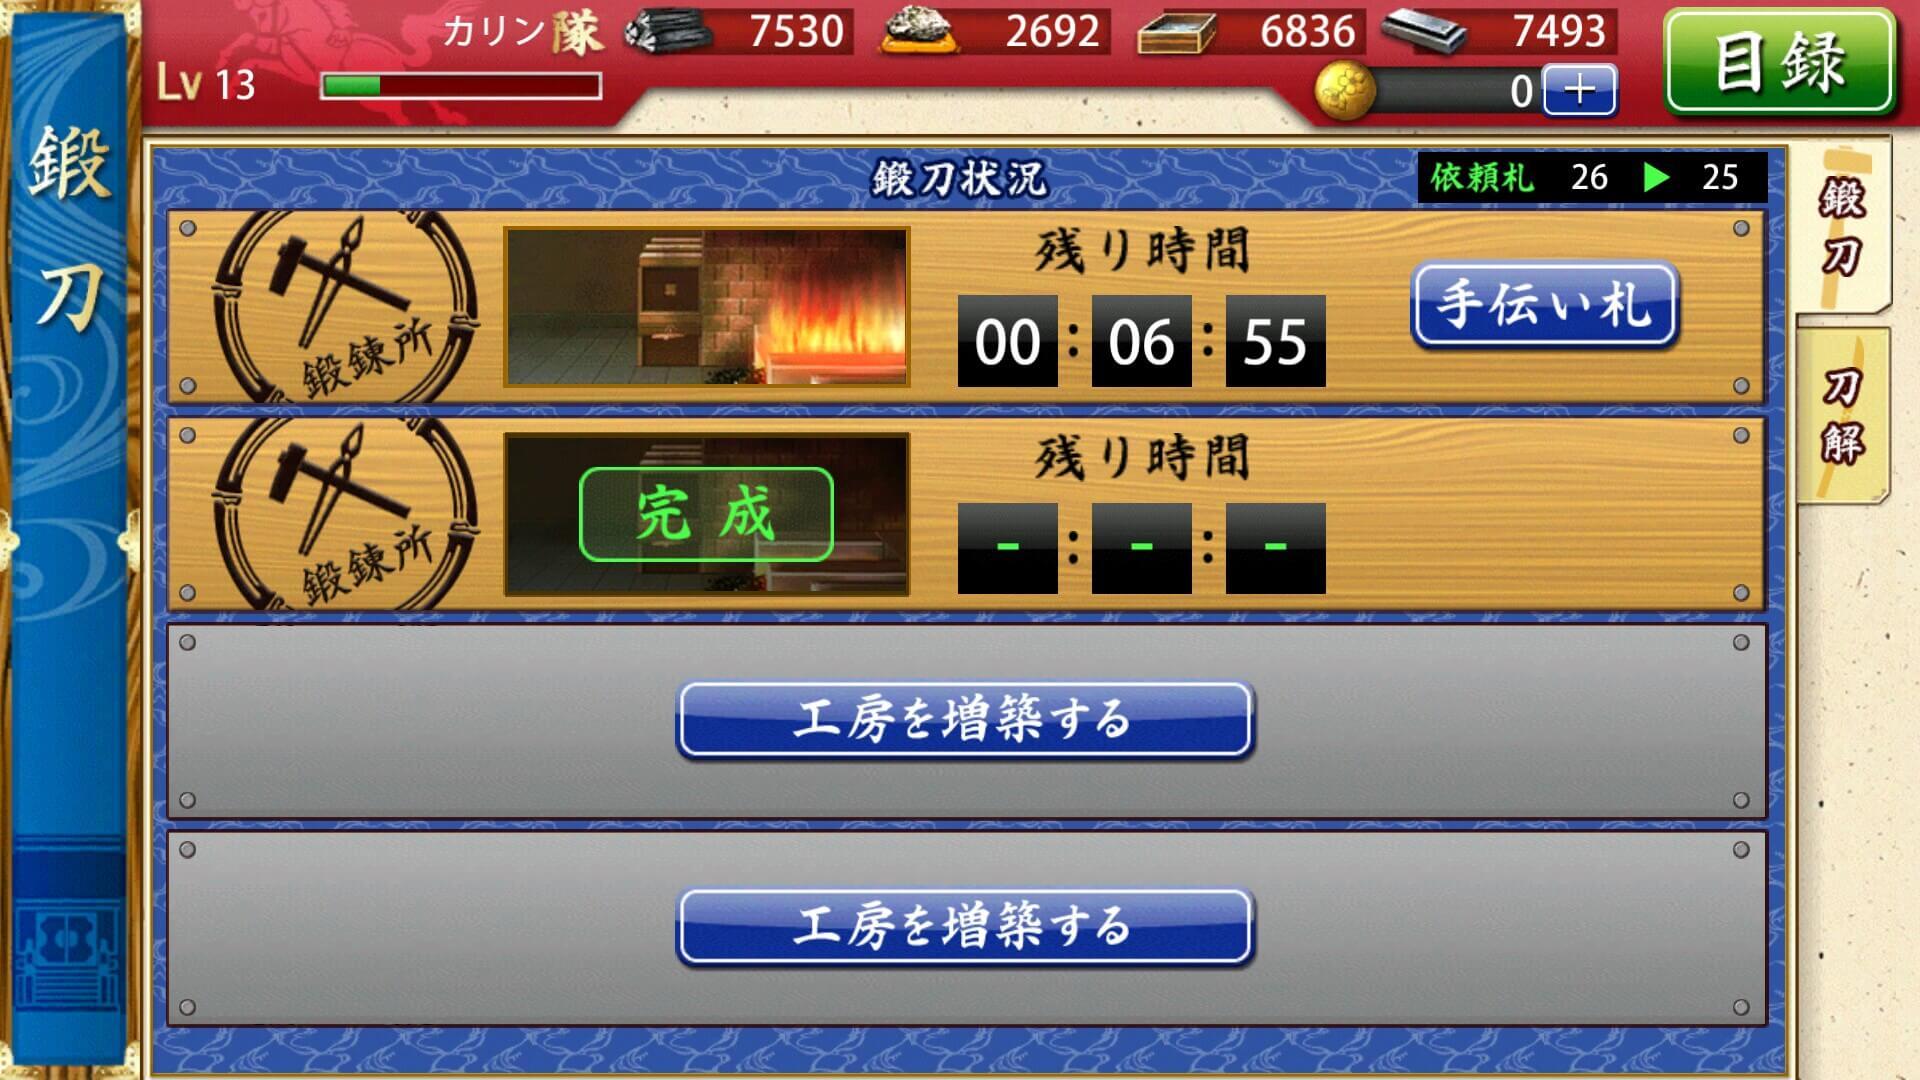 刀剣乱舞-ONLINE- Pocket00010 鍛刀